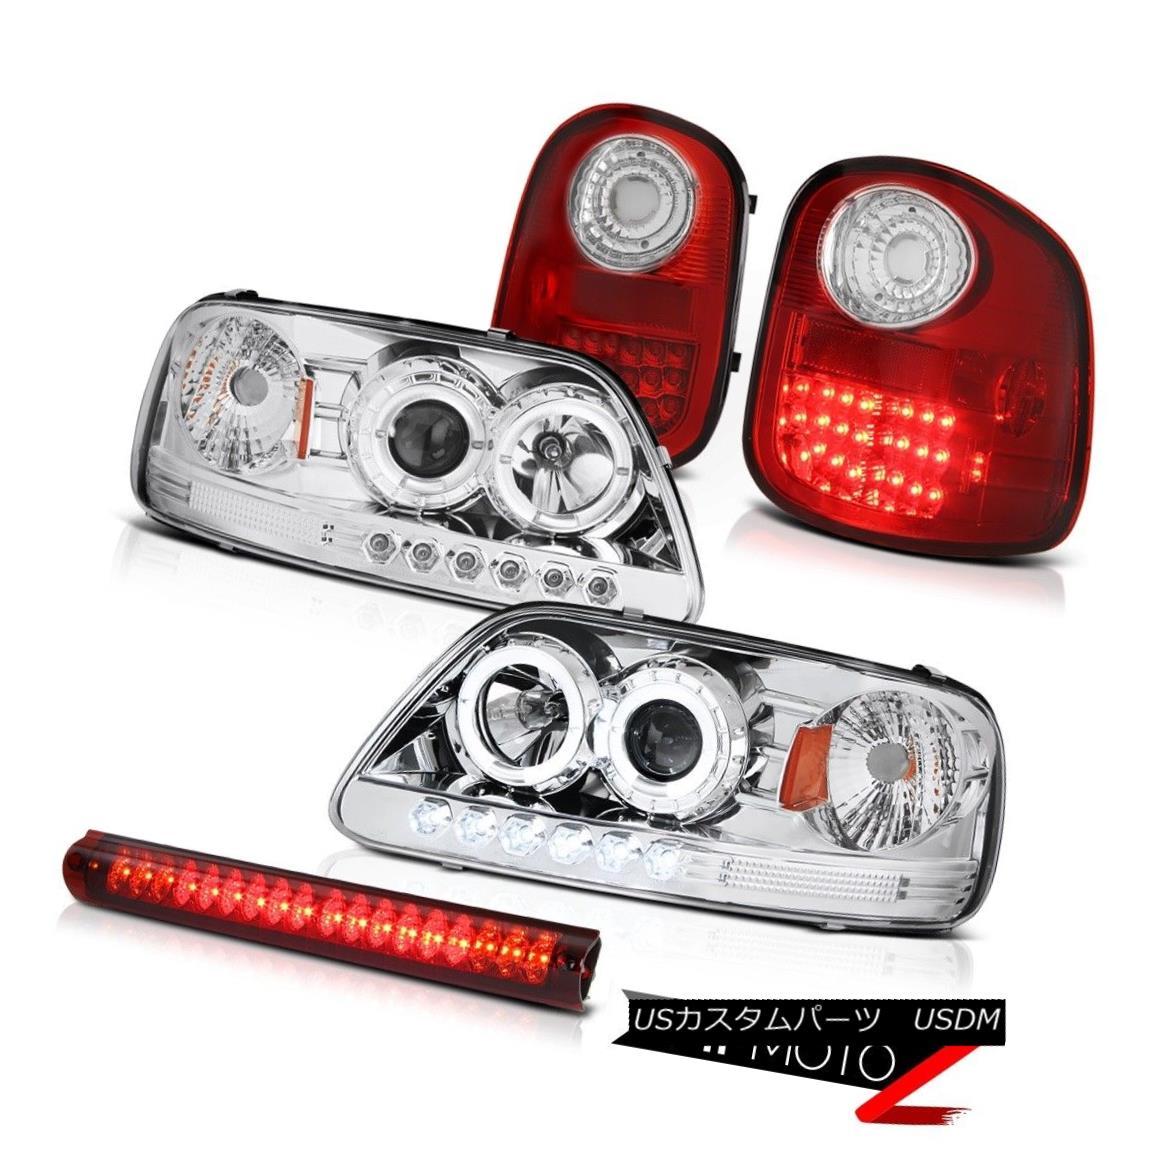 テールライト 2x Halo Headlights Red LED Taillight Wine 3rd Brake 1997-2003 F150 Flareside XLT 2xハローヘッドライト赤色LEDテールライトワイン第3ブレーキ1997-2003 F150 Flareside XLT